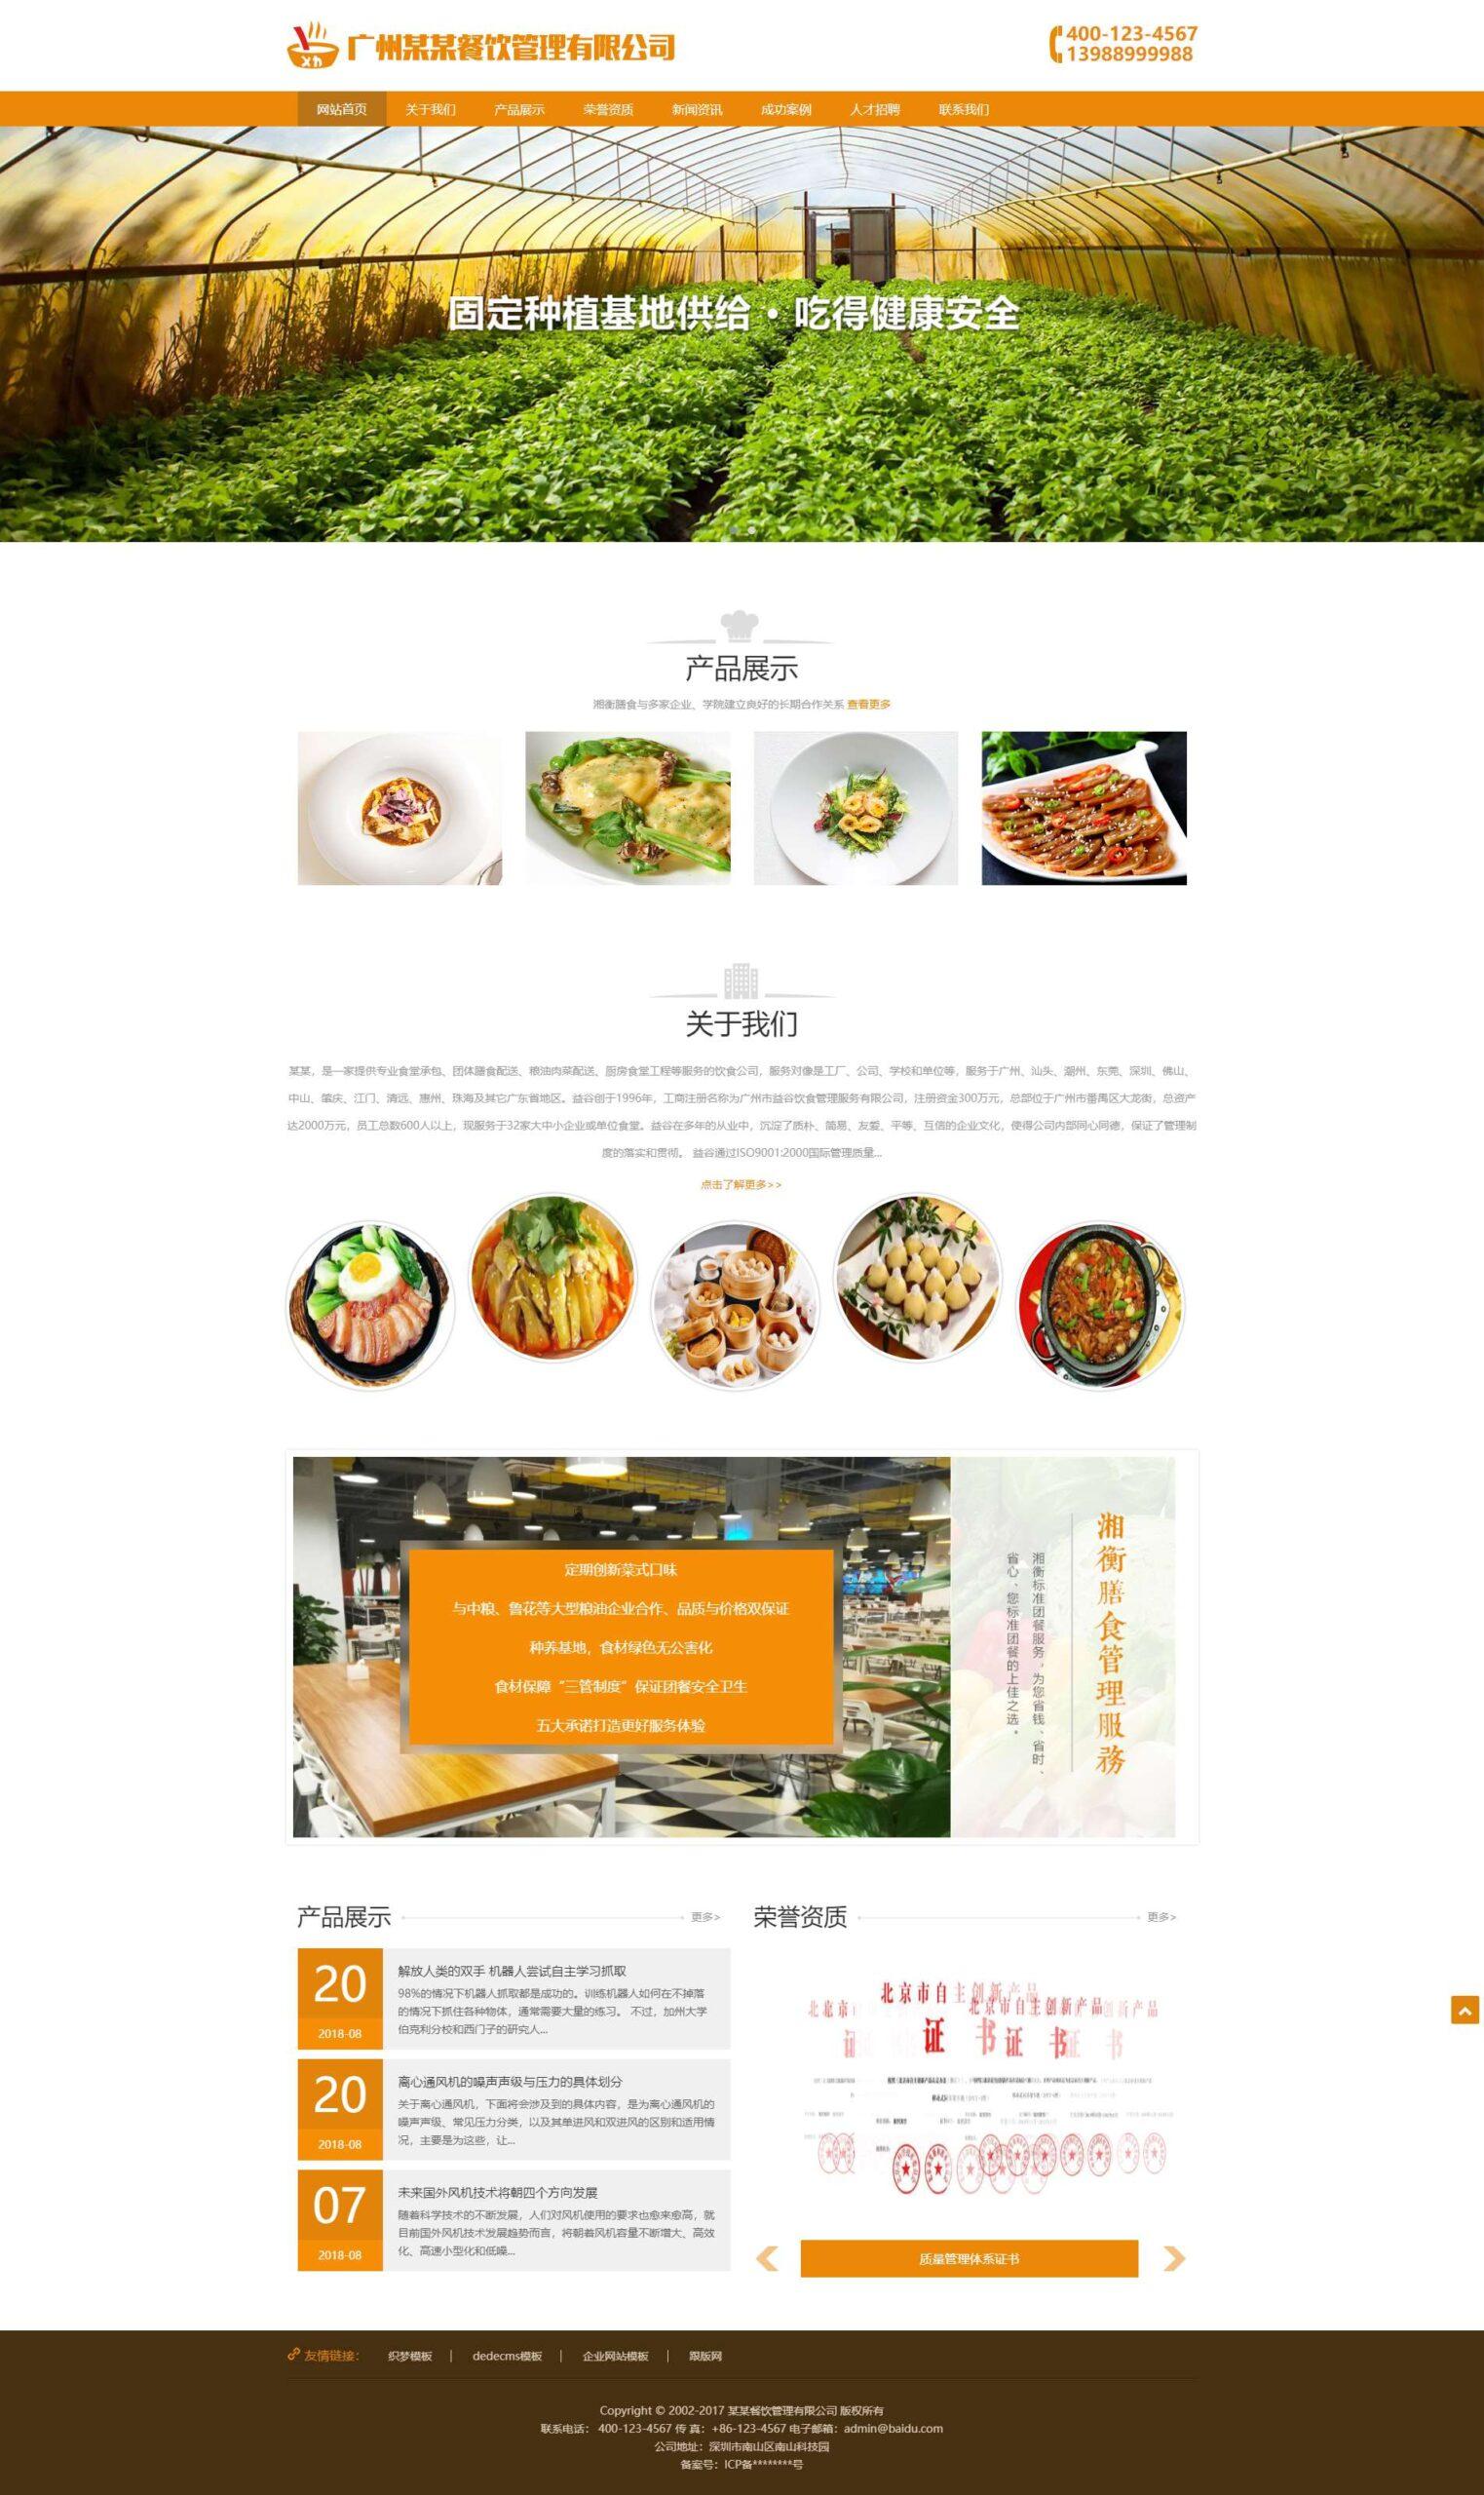 D104织梦dedecms模板开源程序源码响应式网站饮食红色餐饮管理网站模板下载[含手机版数据同步]